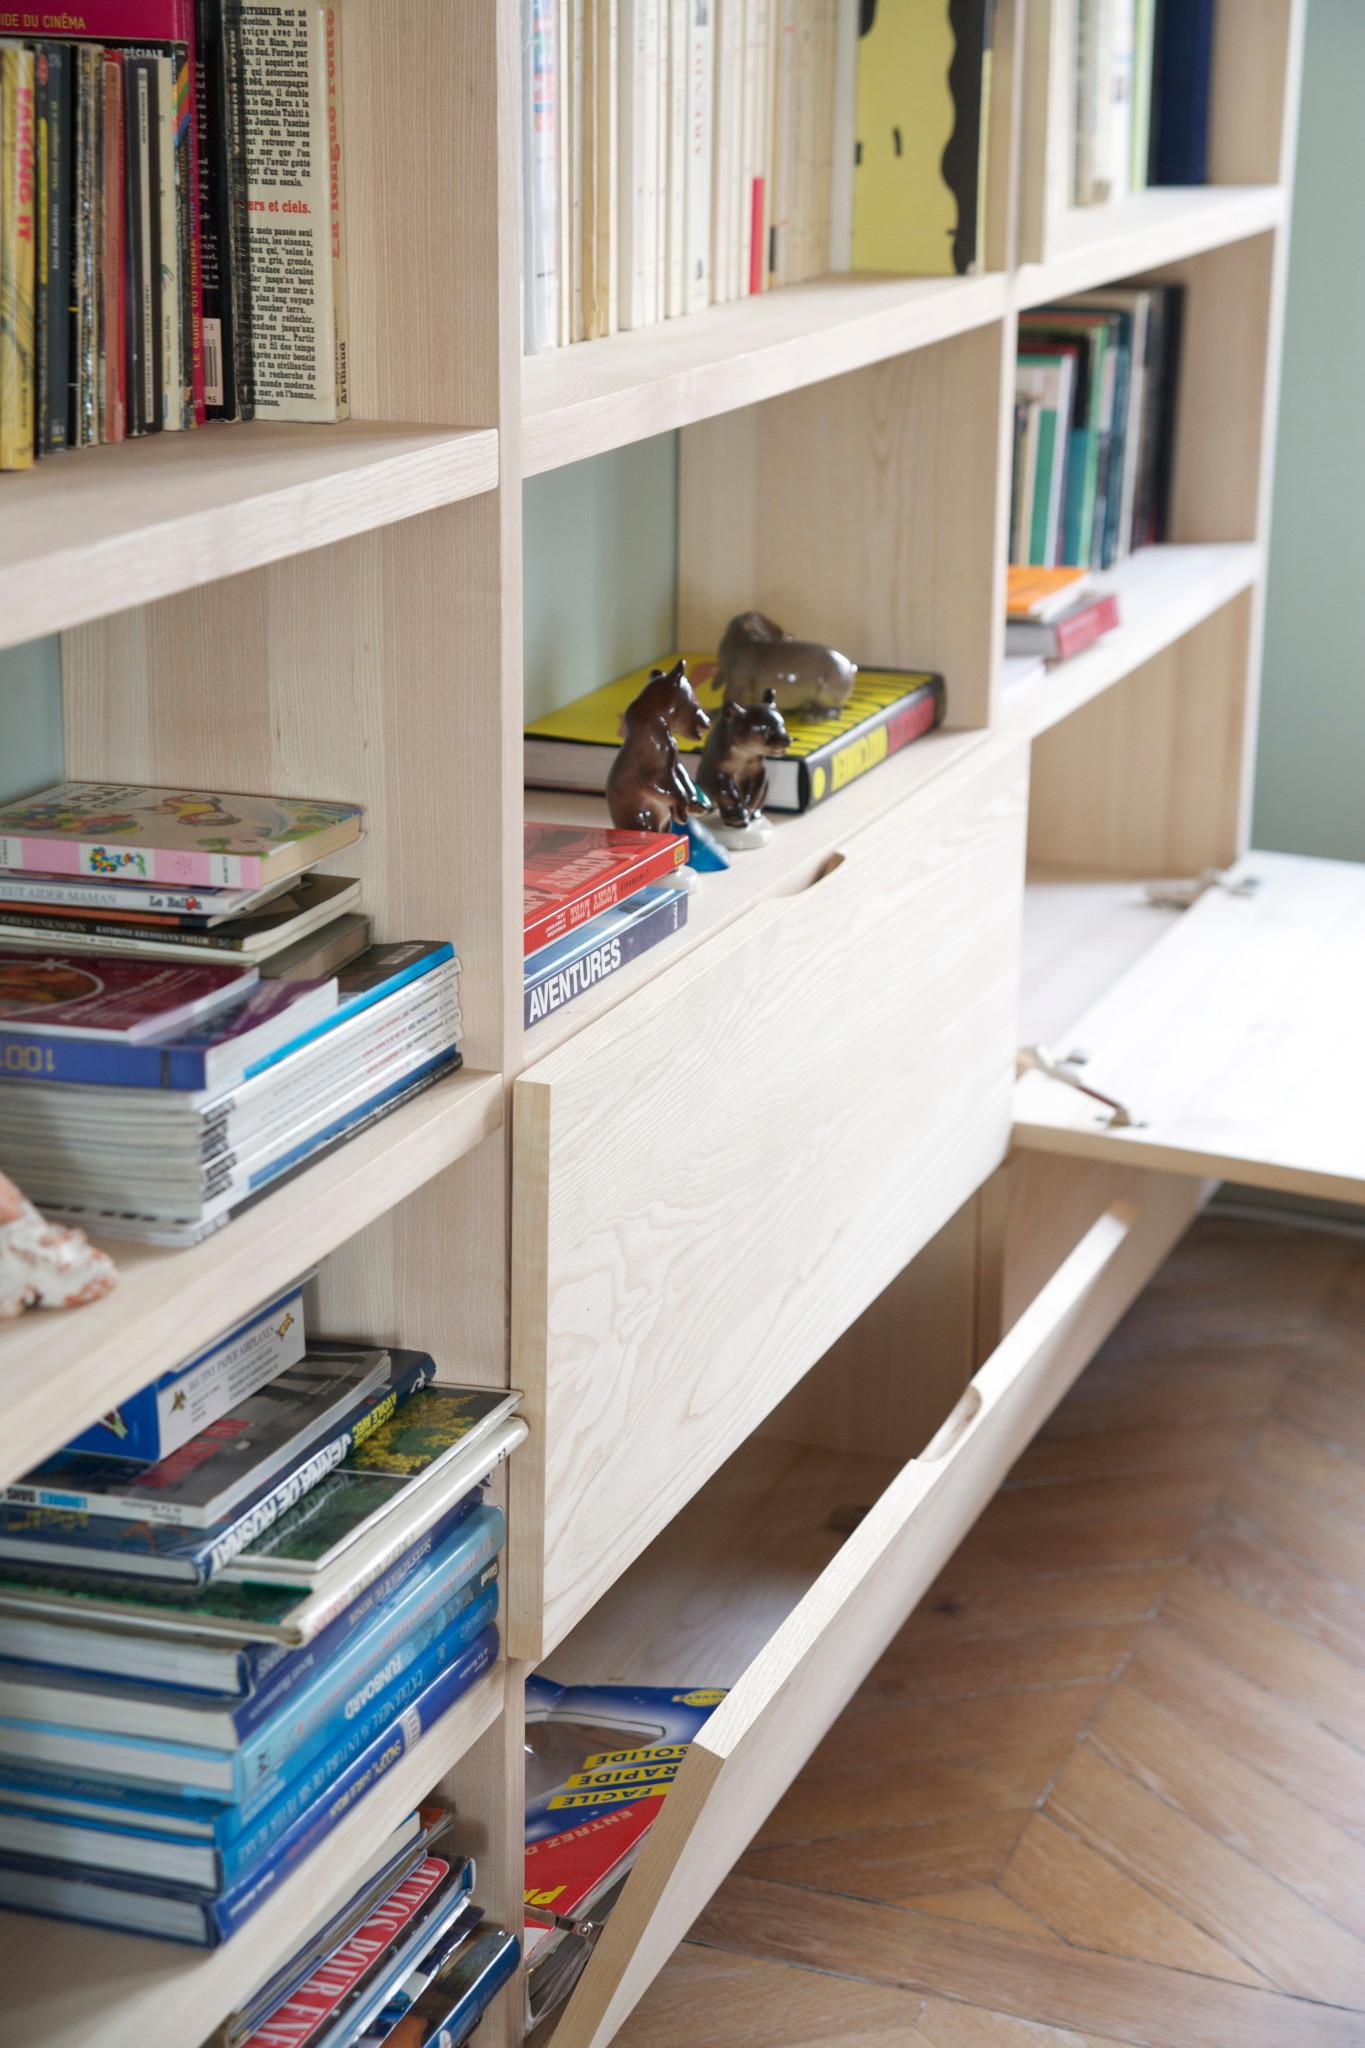 Nonjetable-Bibliothèque-sur-Mesure-en-Frêne-Massif-pour-un-Salon-Détail